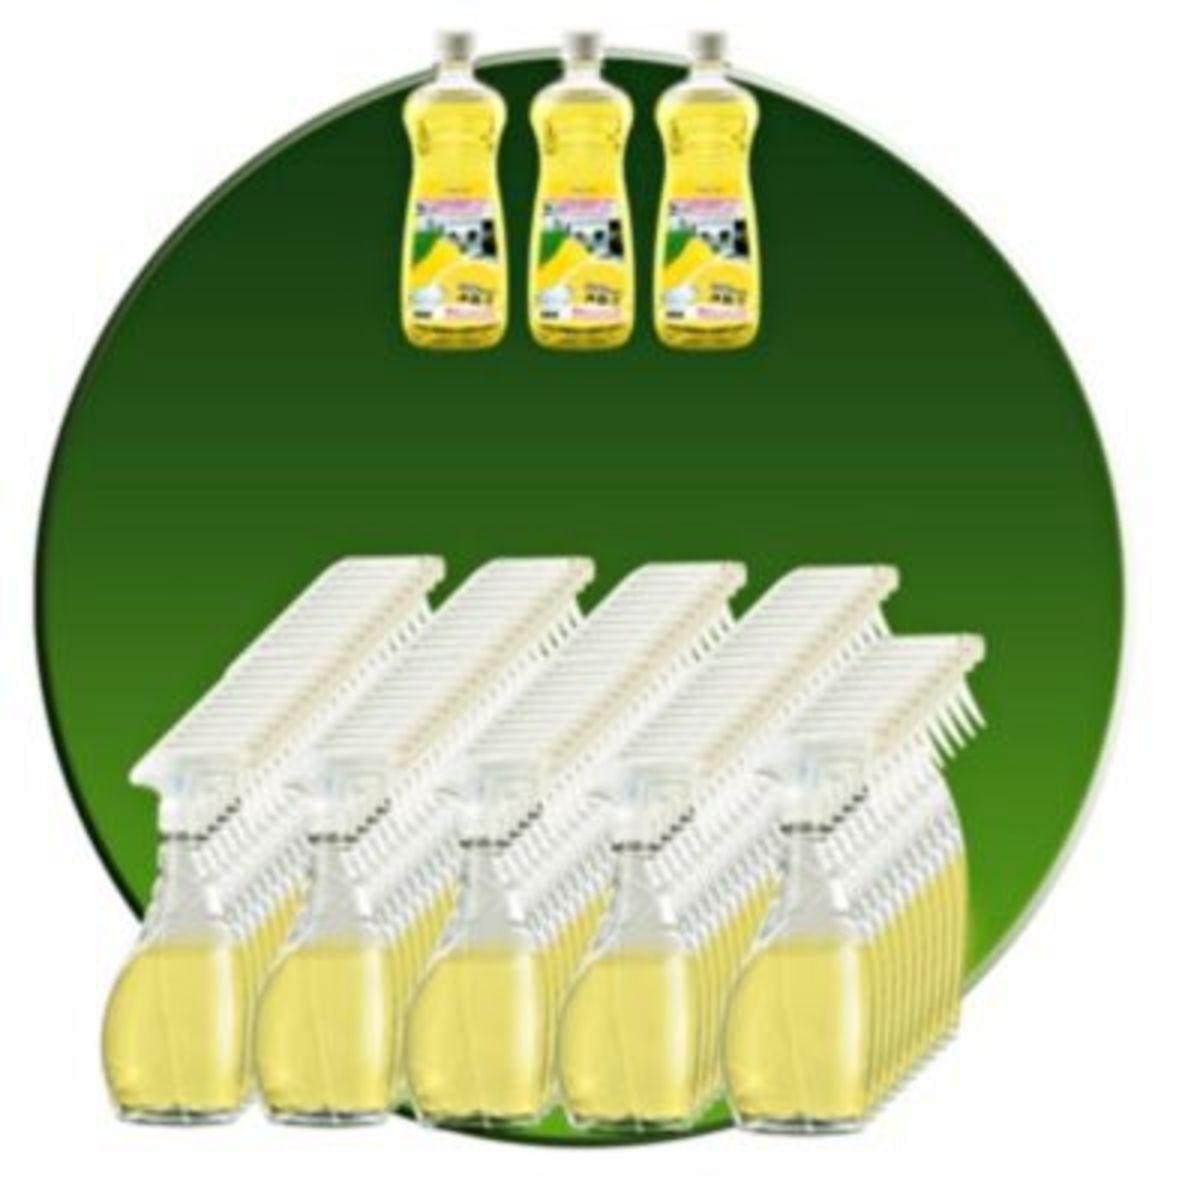 Bild 2 von Clever Clean Zitronenkraftreiniger 5tlg.